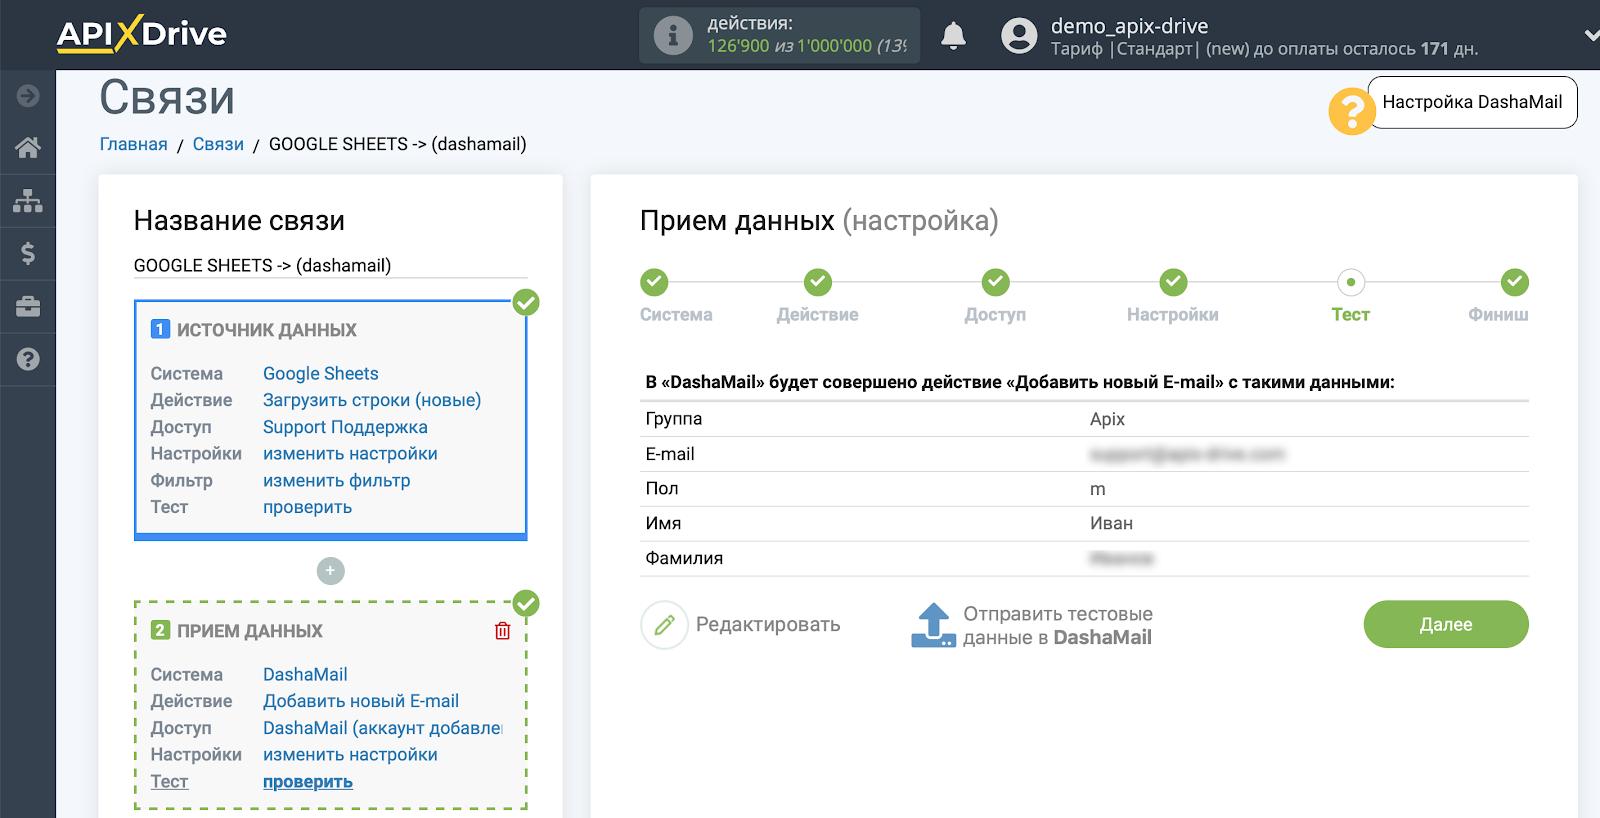 Настройка Приема данных в DashaMail | Тестовые данные